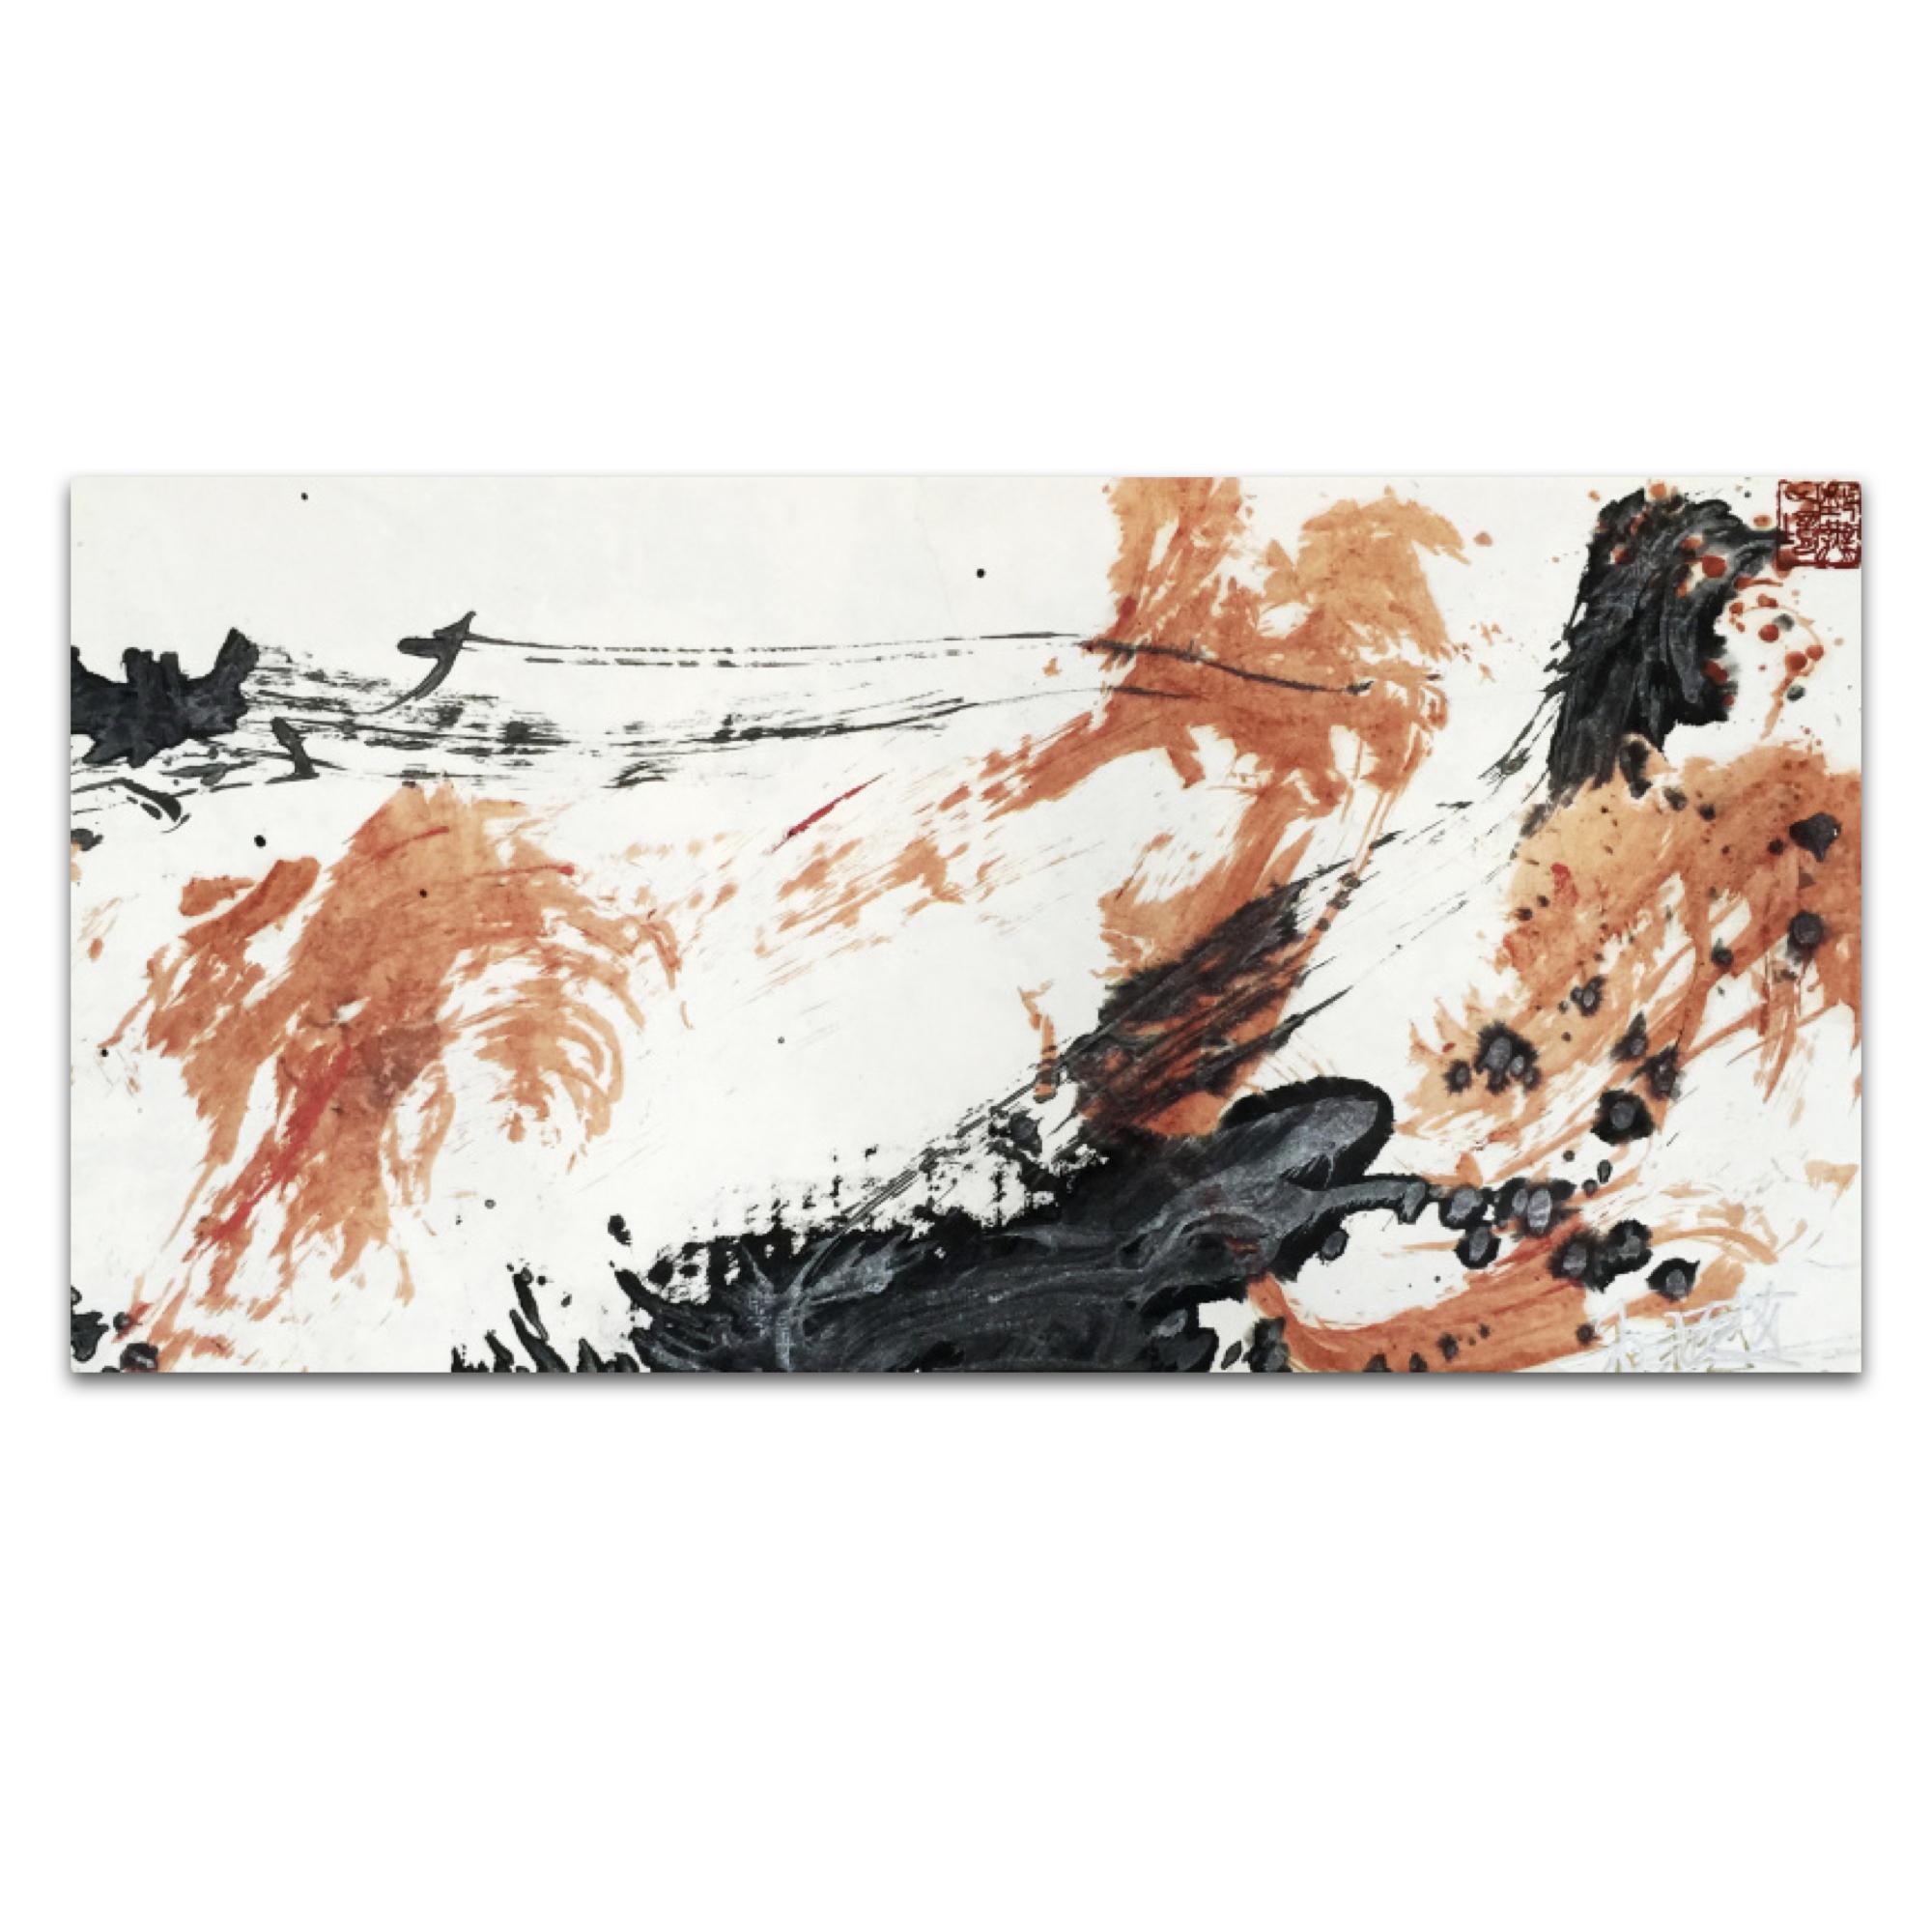 艺术品 盛中国·庞杜将军_杜撼_纸本彩墨_80.0x40.0cm